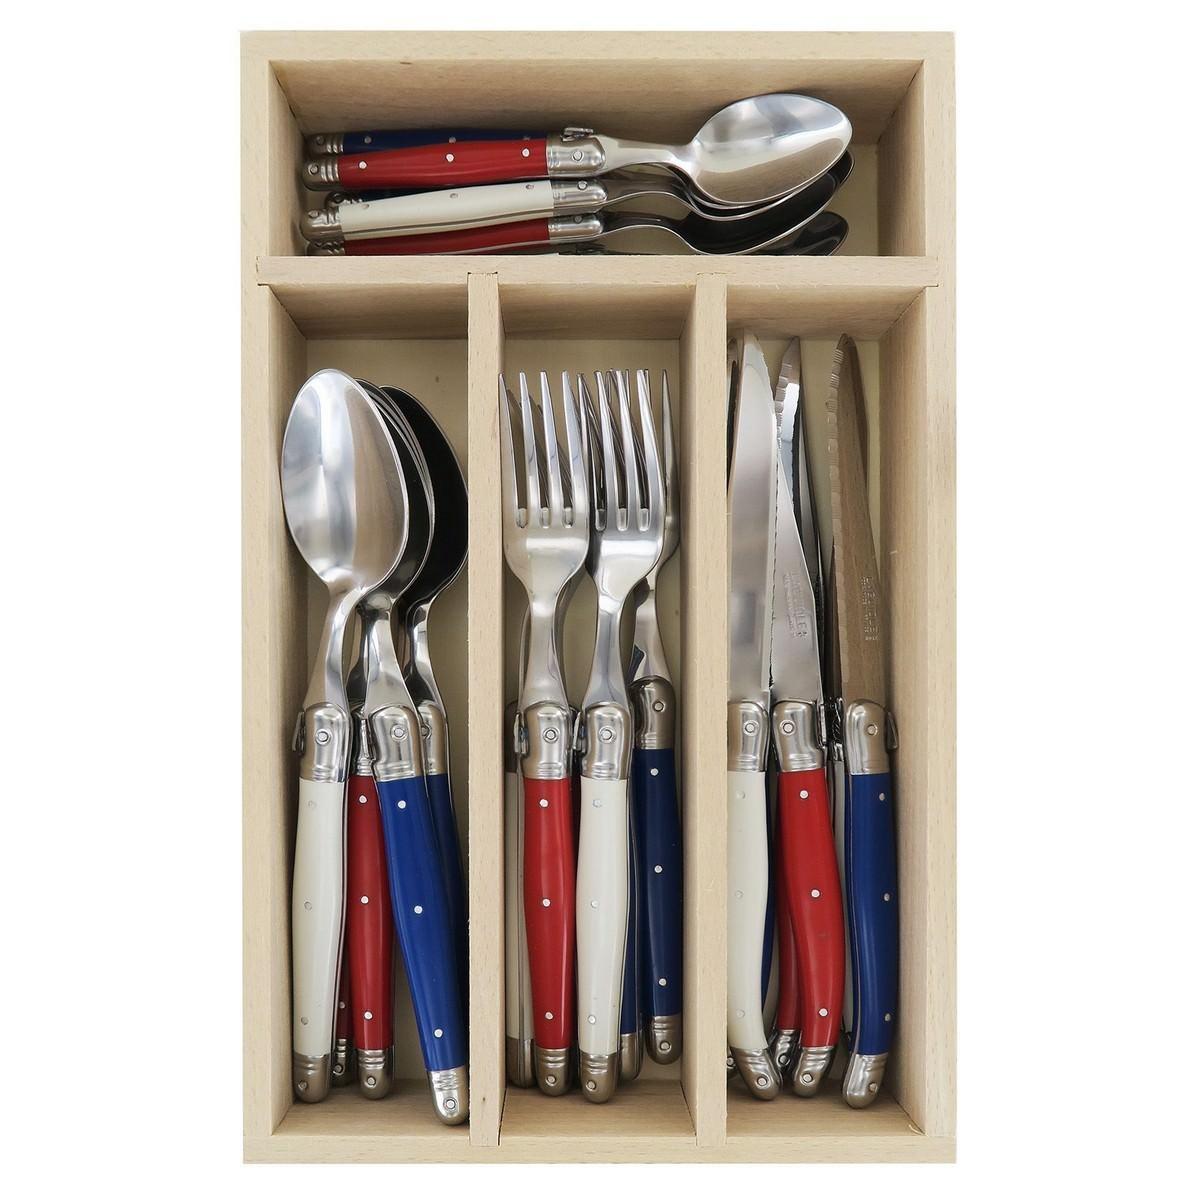 Andre Verdier Debutant Cutlery Set, 24 Piece, Francais